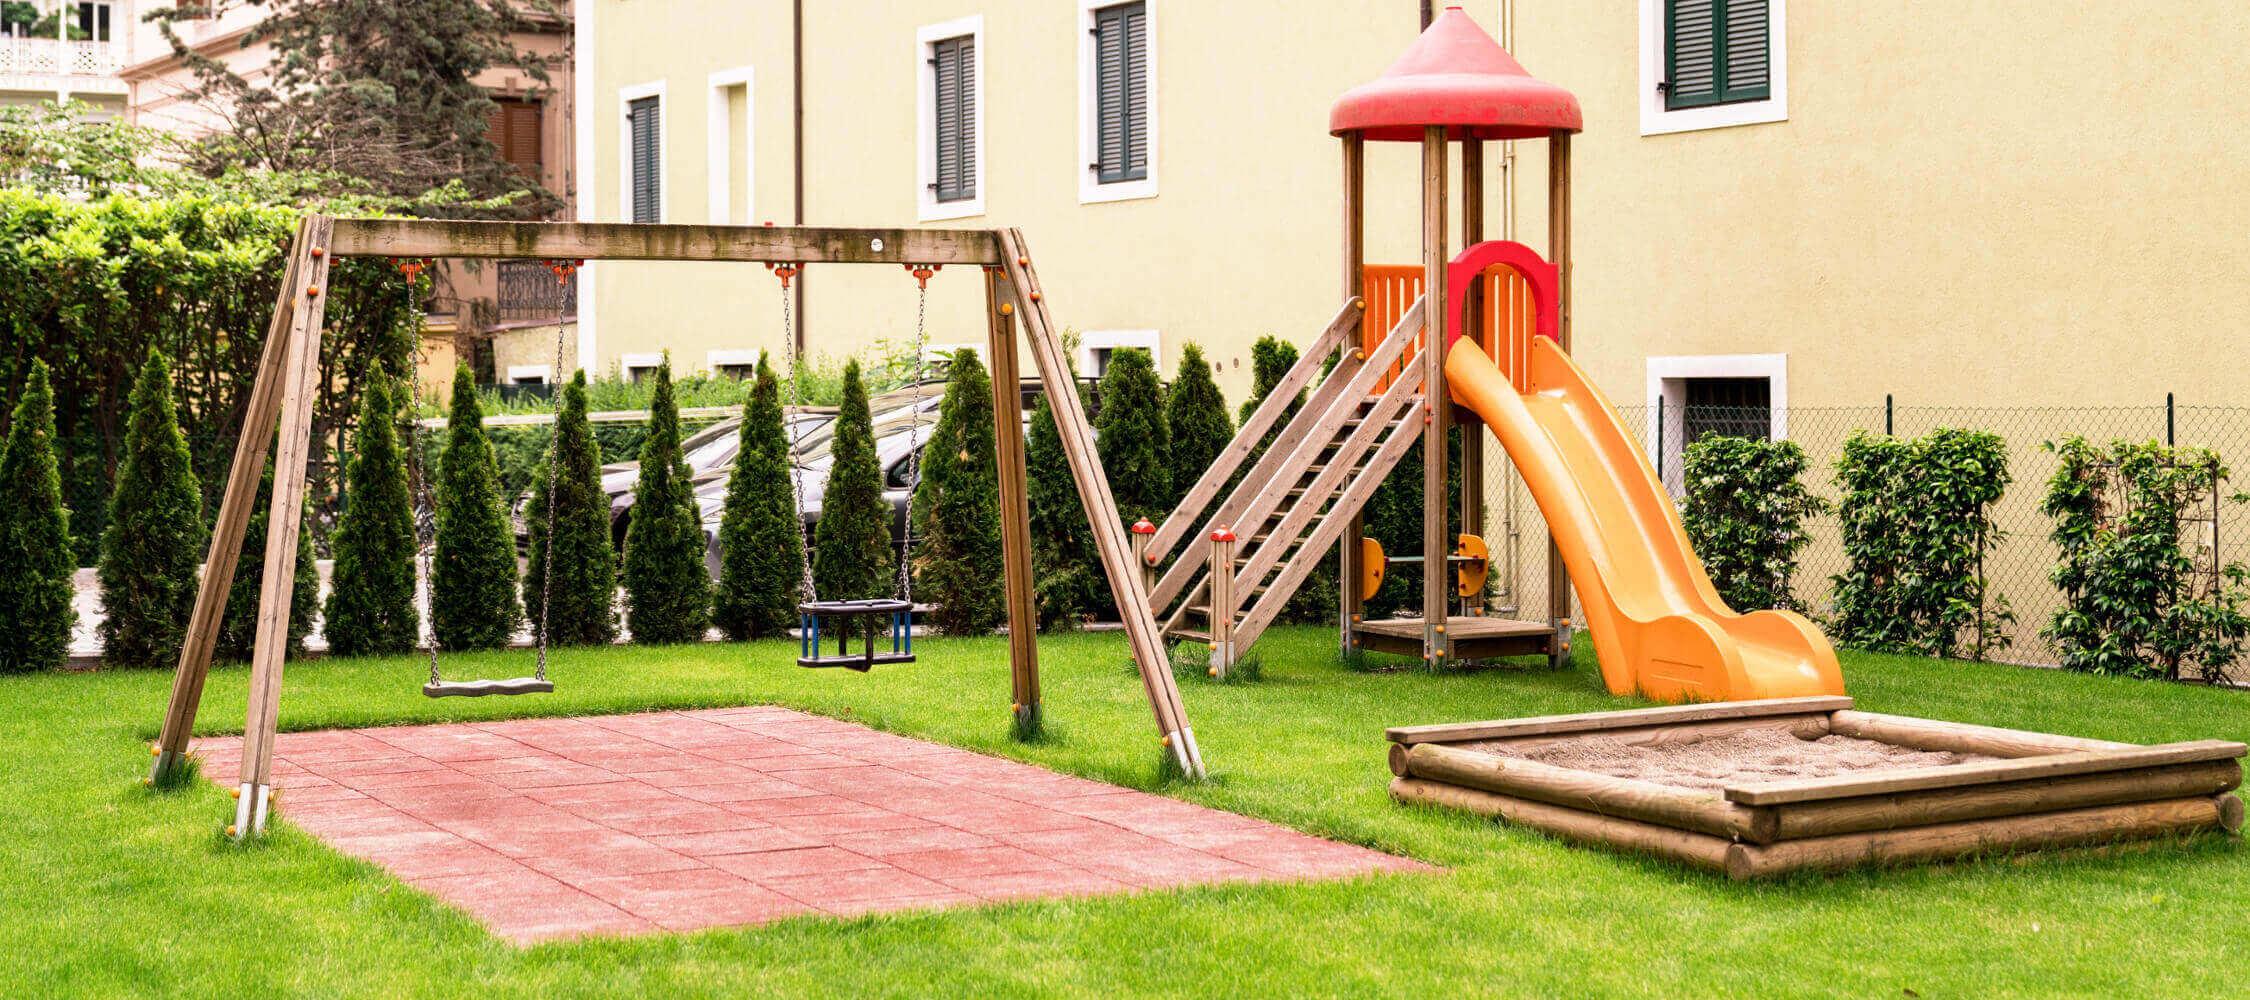 Hotel Flora, Meran, Südtirol, familiengerecht, 3-Sterne Aparthotel, zentrale Lage, Familienangebote, Kinderspielplatz, Garten, beheiztes Schwimmbad, Promenade, ruhig